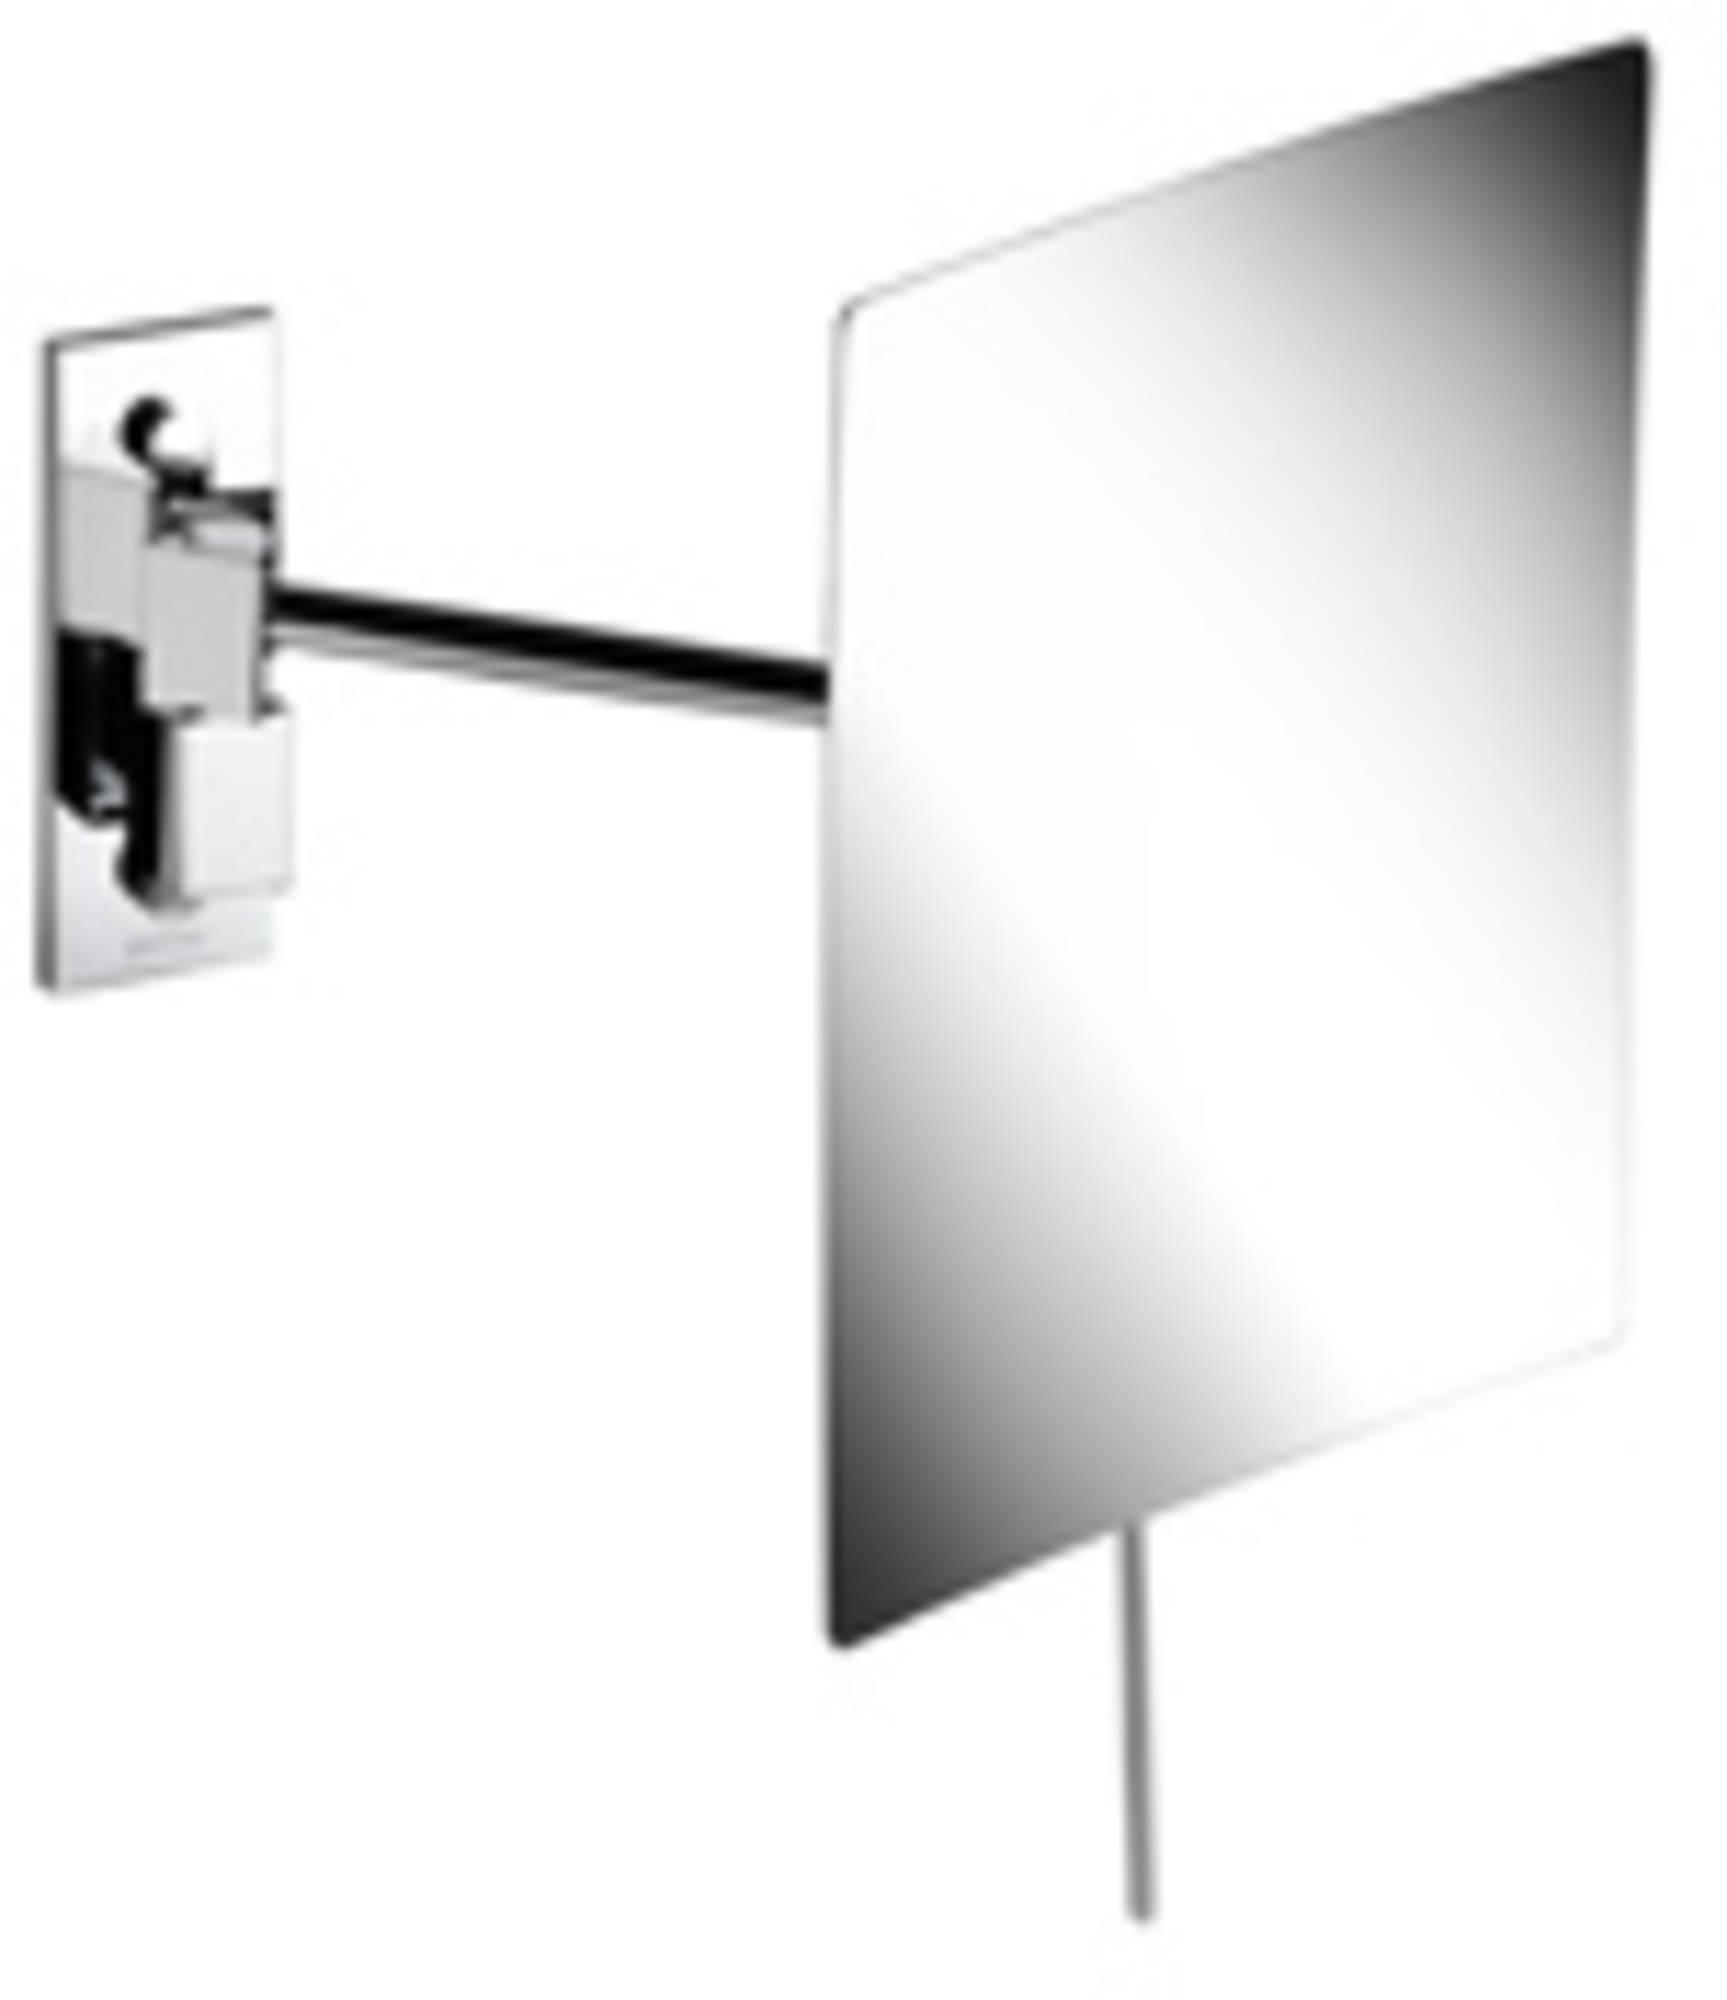 Geesa Serie 1000 scheerspiegel 1-arm rond 15x22.5cm, 3x vergrotend, chroom